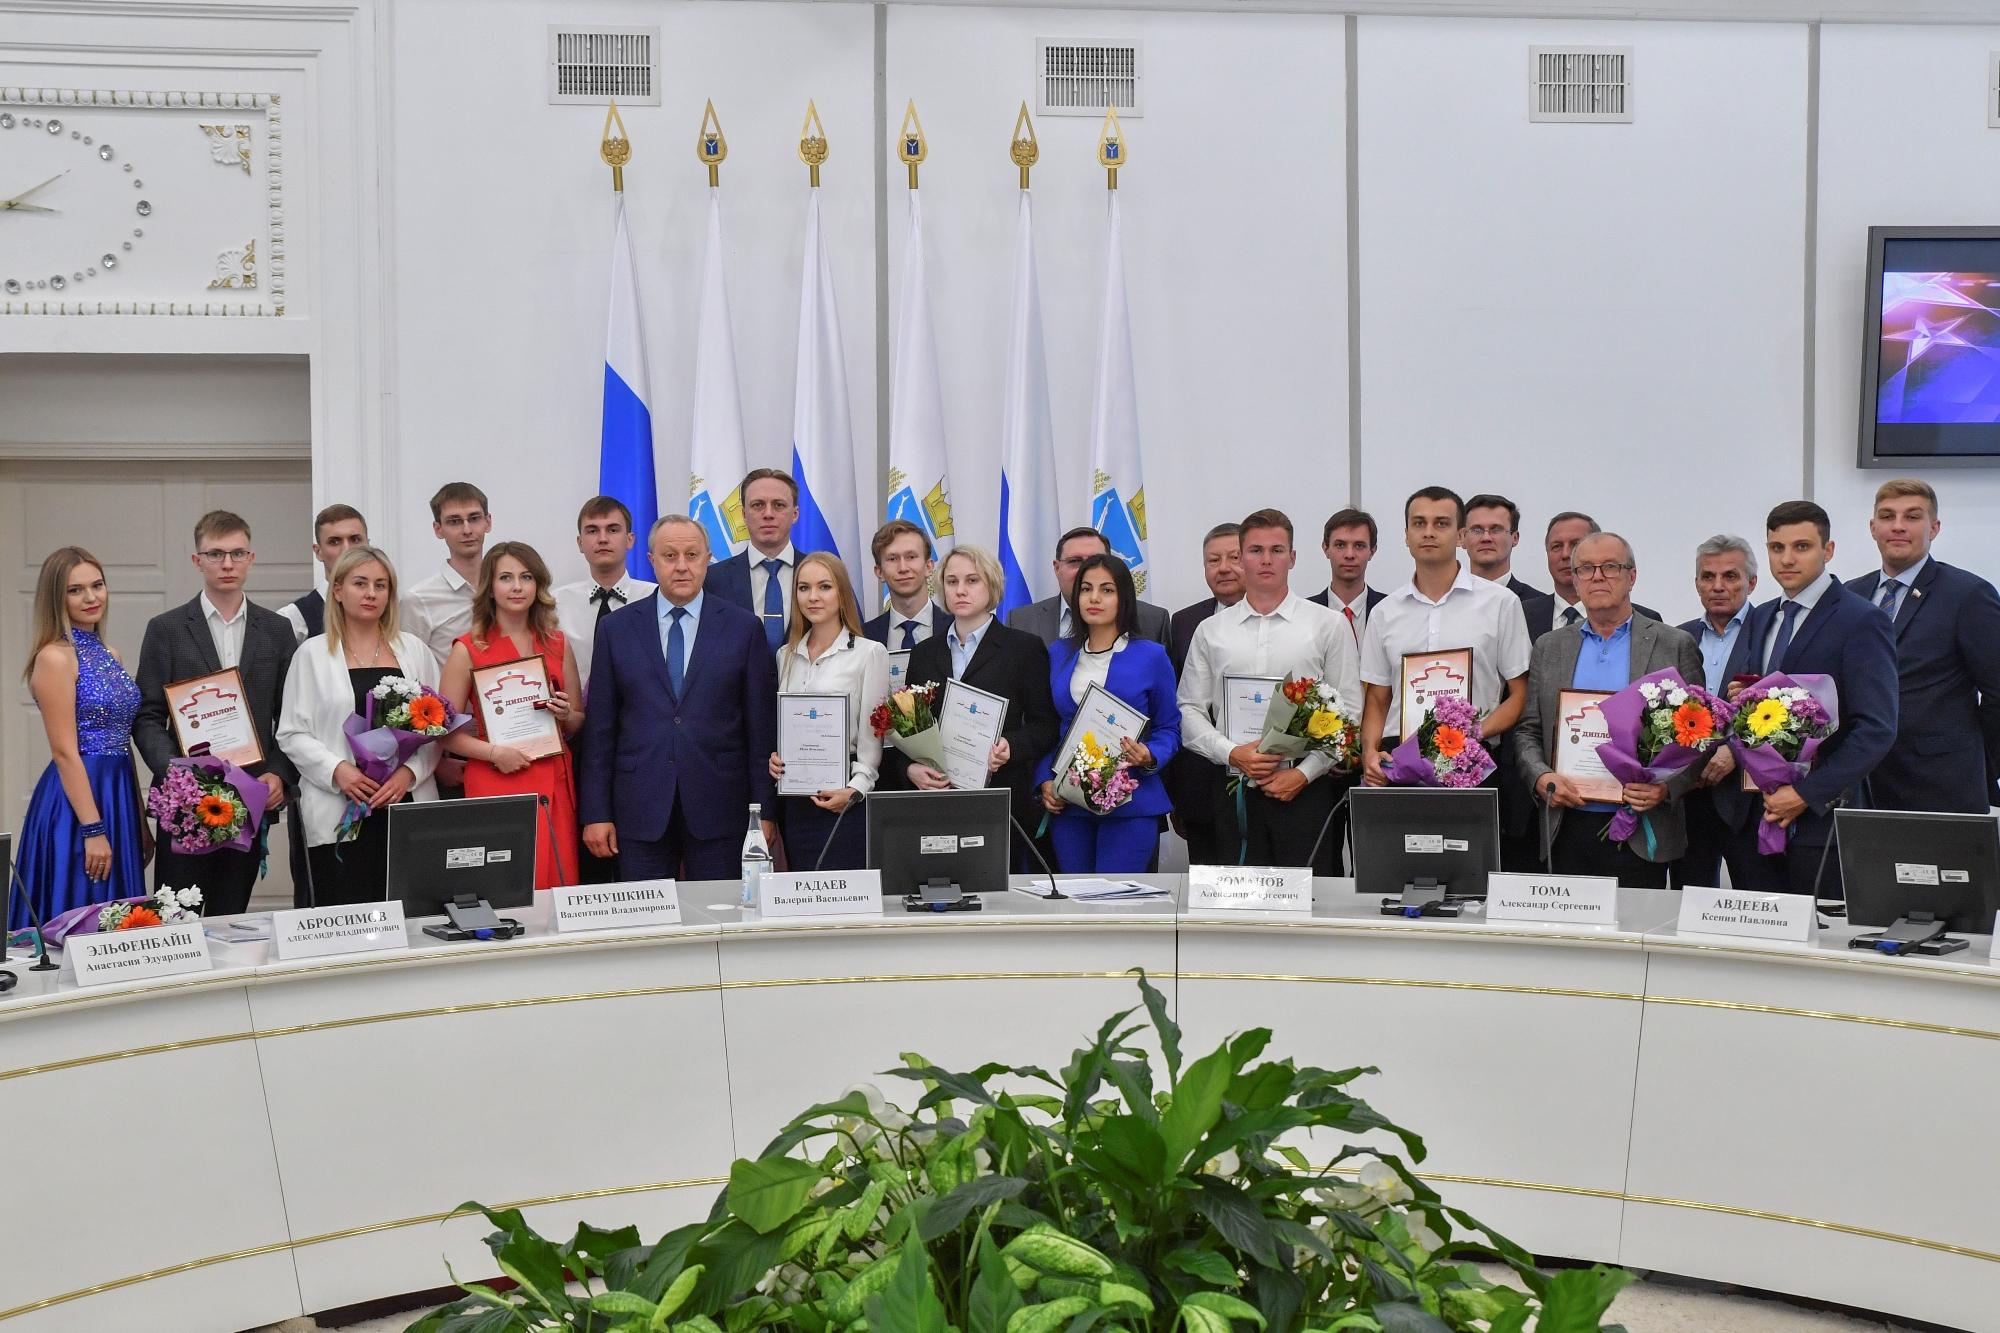 Студентка ИМА награждена благодарственным письмом губернатора Саратовской области